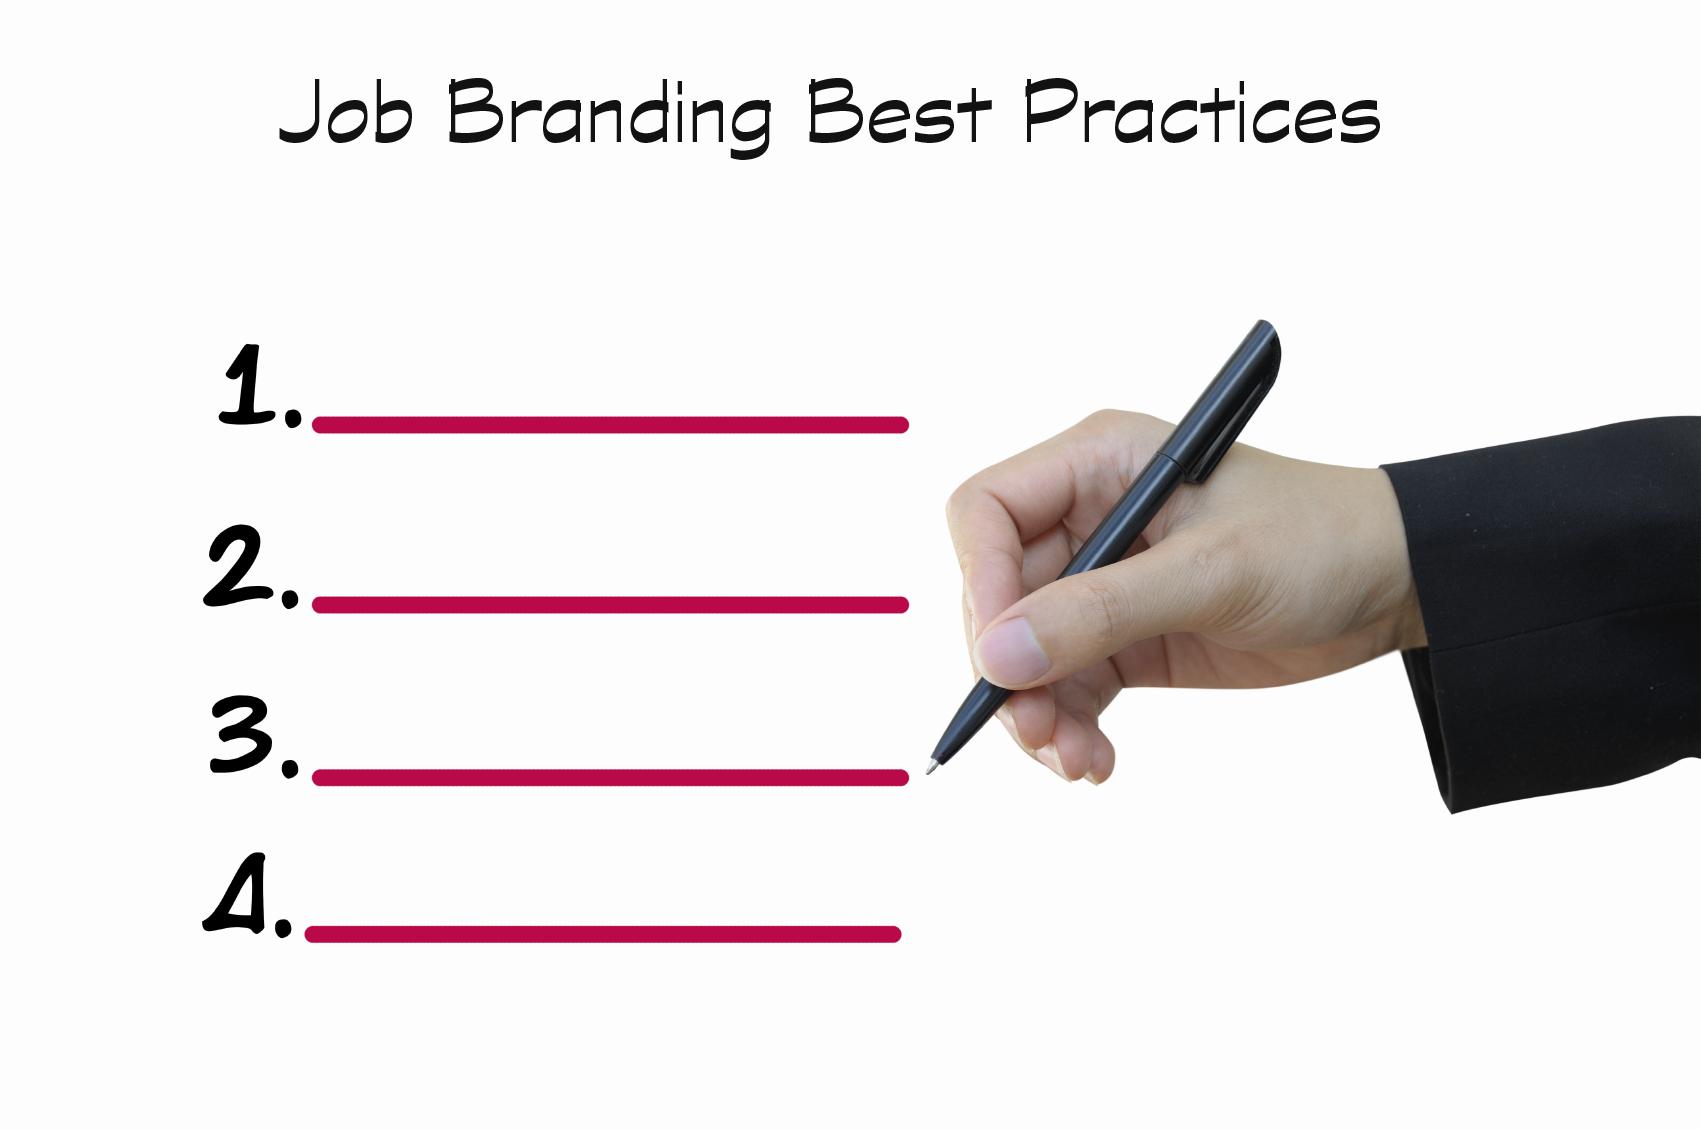 Job_Branding_Best_Practices